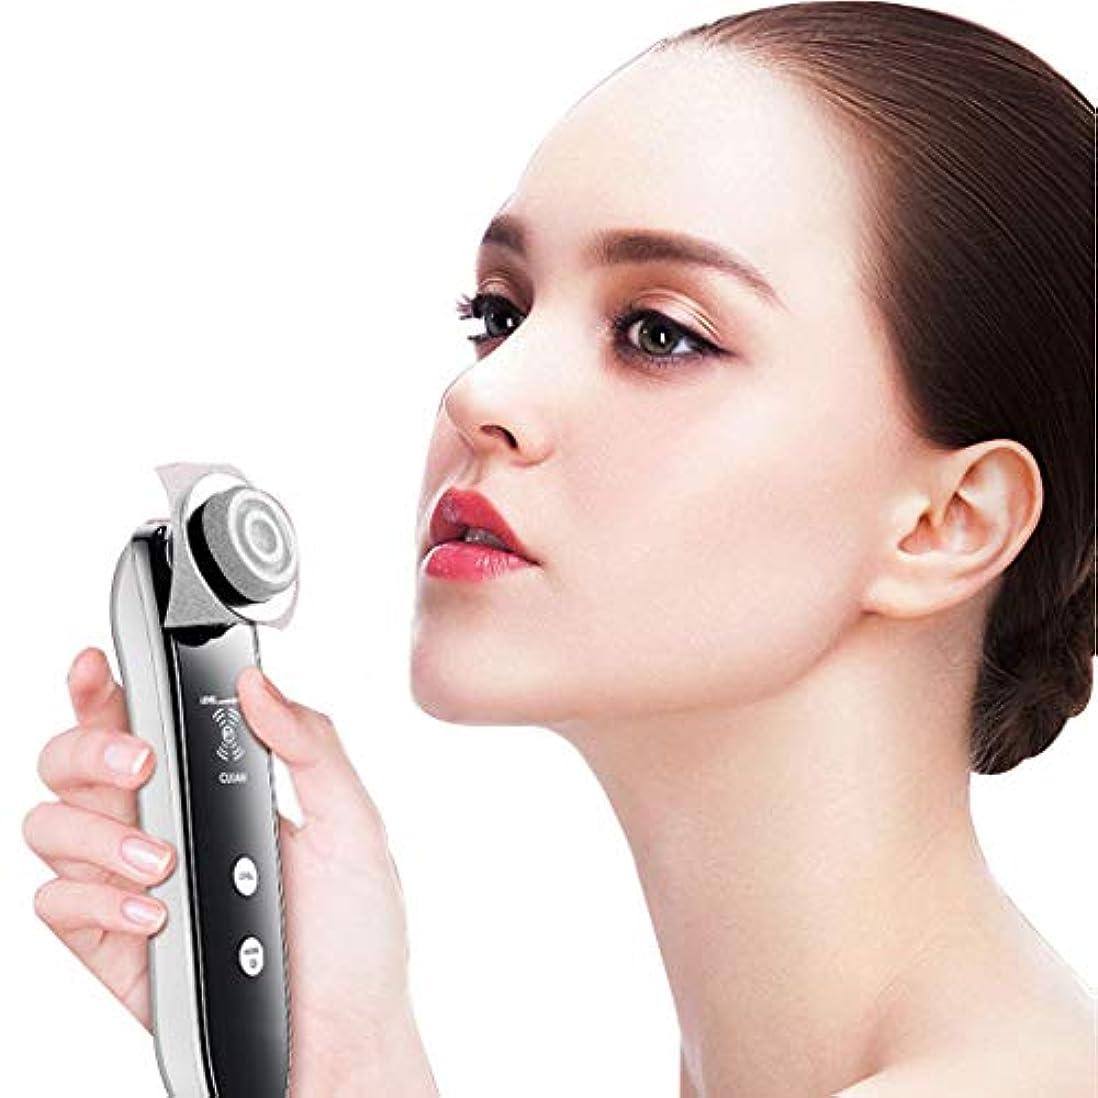 偽残酷な礼拝RF の無線周波数の美の器械 5 1 の多機能の顔のマッサージ器、皮の気遣うことのための美装置、穏やかな剥離および気孔の収縮のための機械